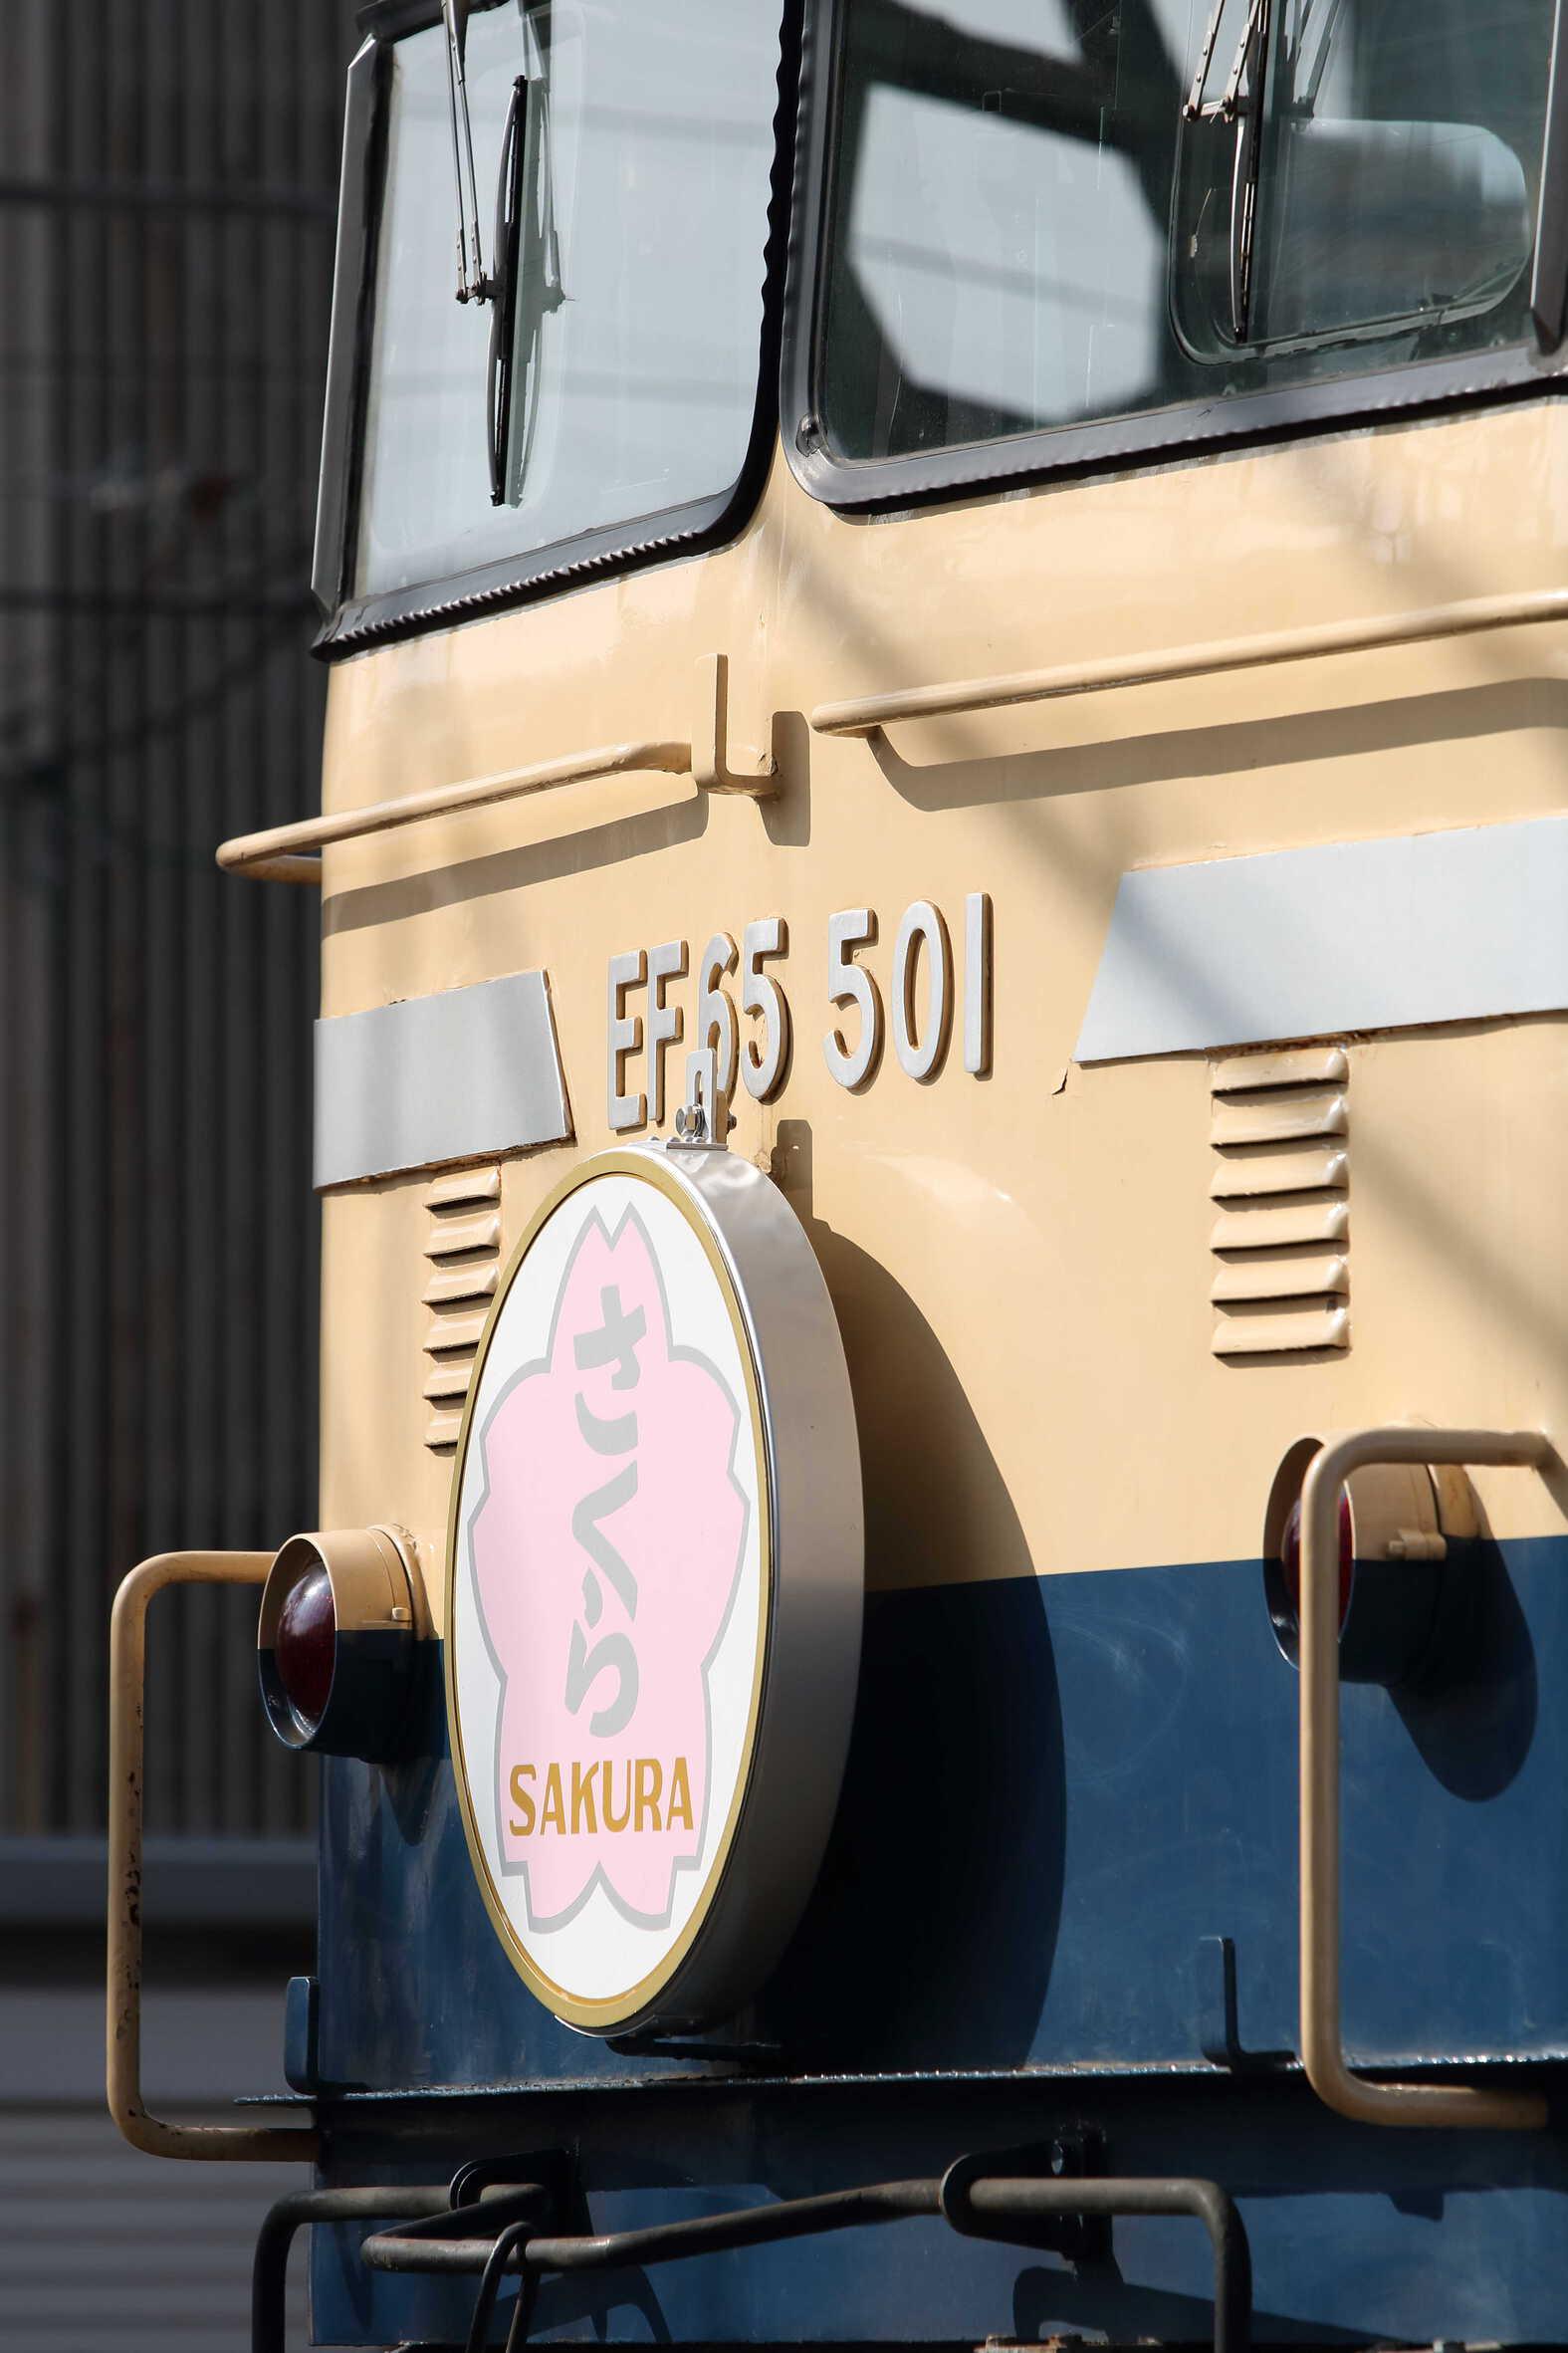 転車台実演 EF65-501東